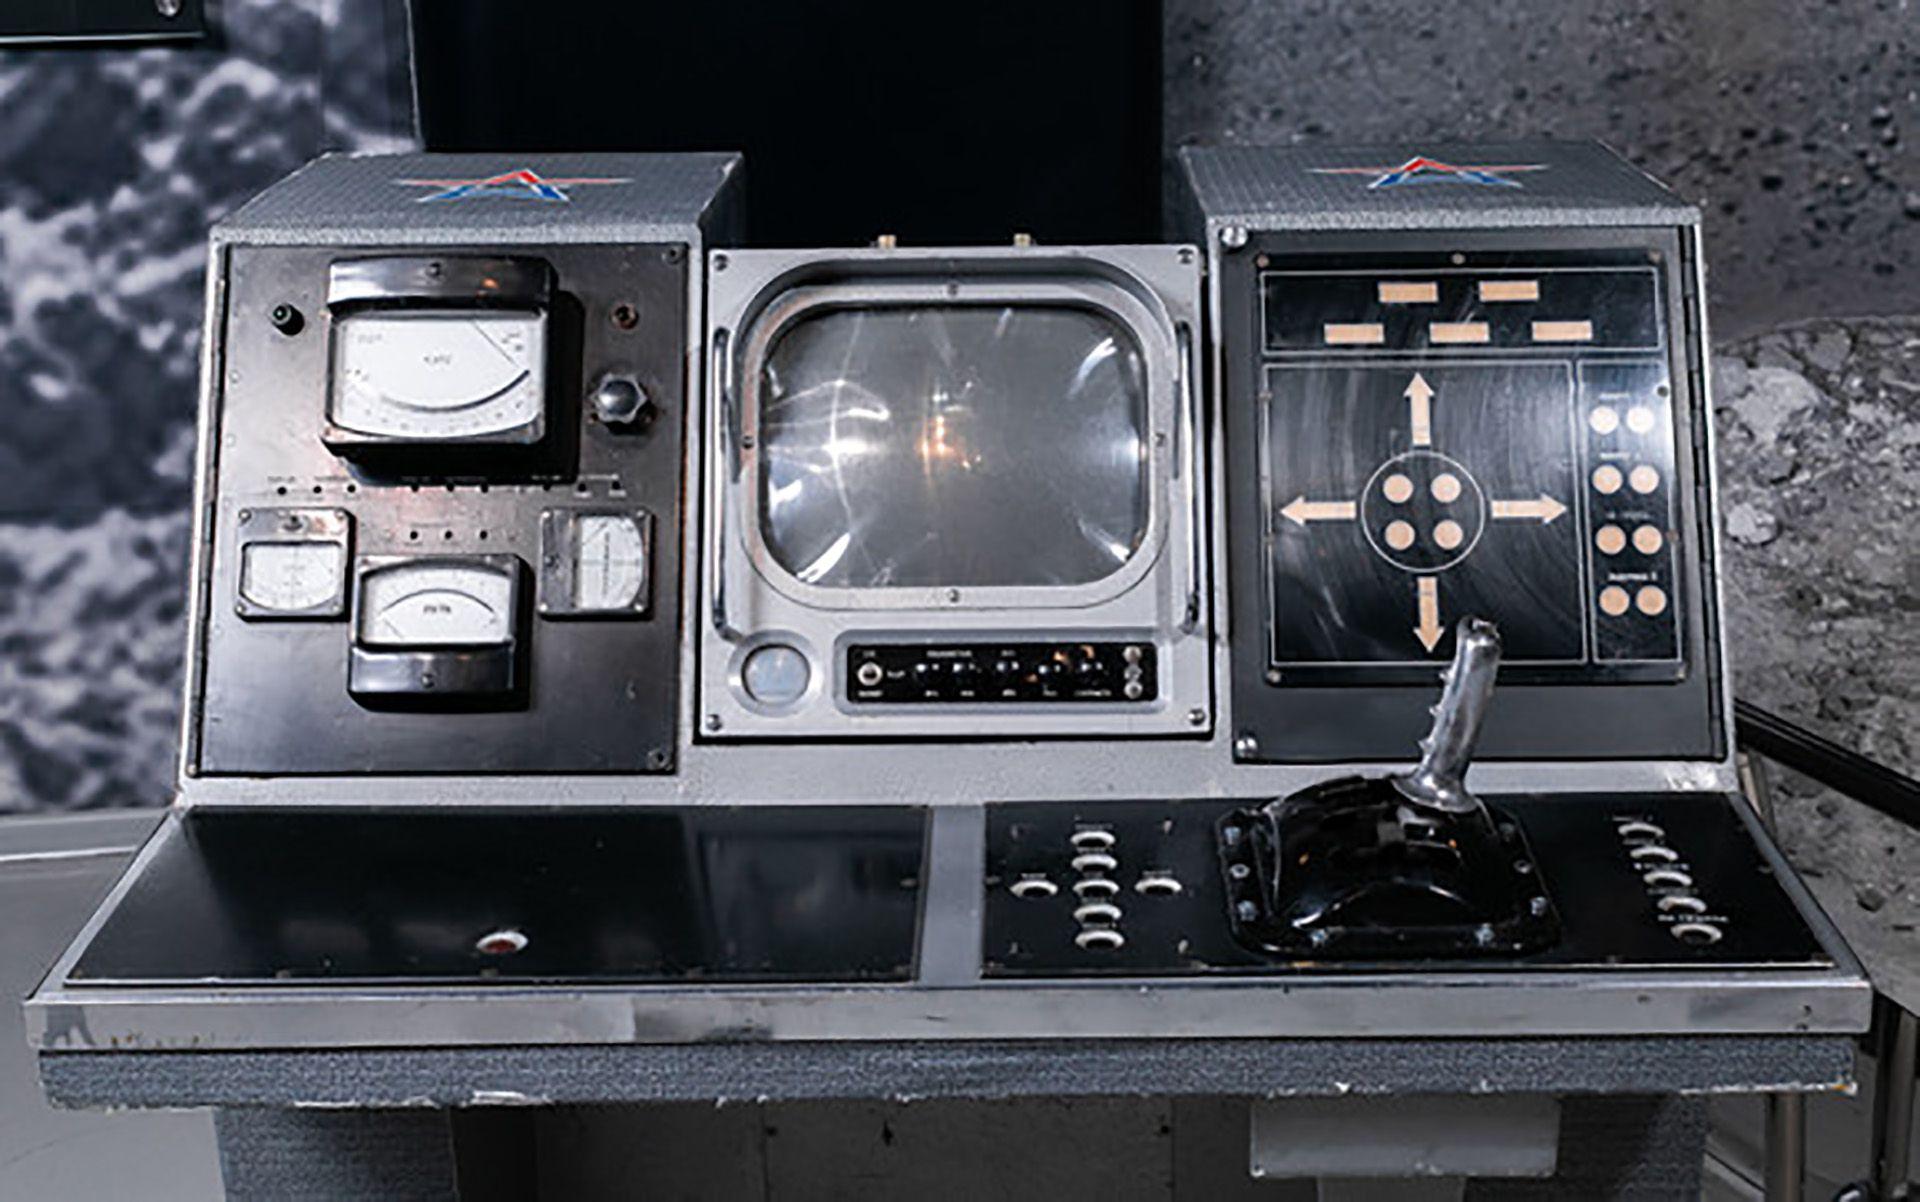 el-robot-olvidado-en-la-luna-en-1970-que-desmiente-las-teorias-conspirativas-11.jpg